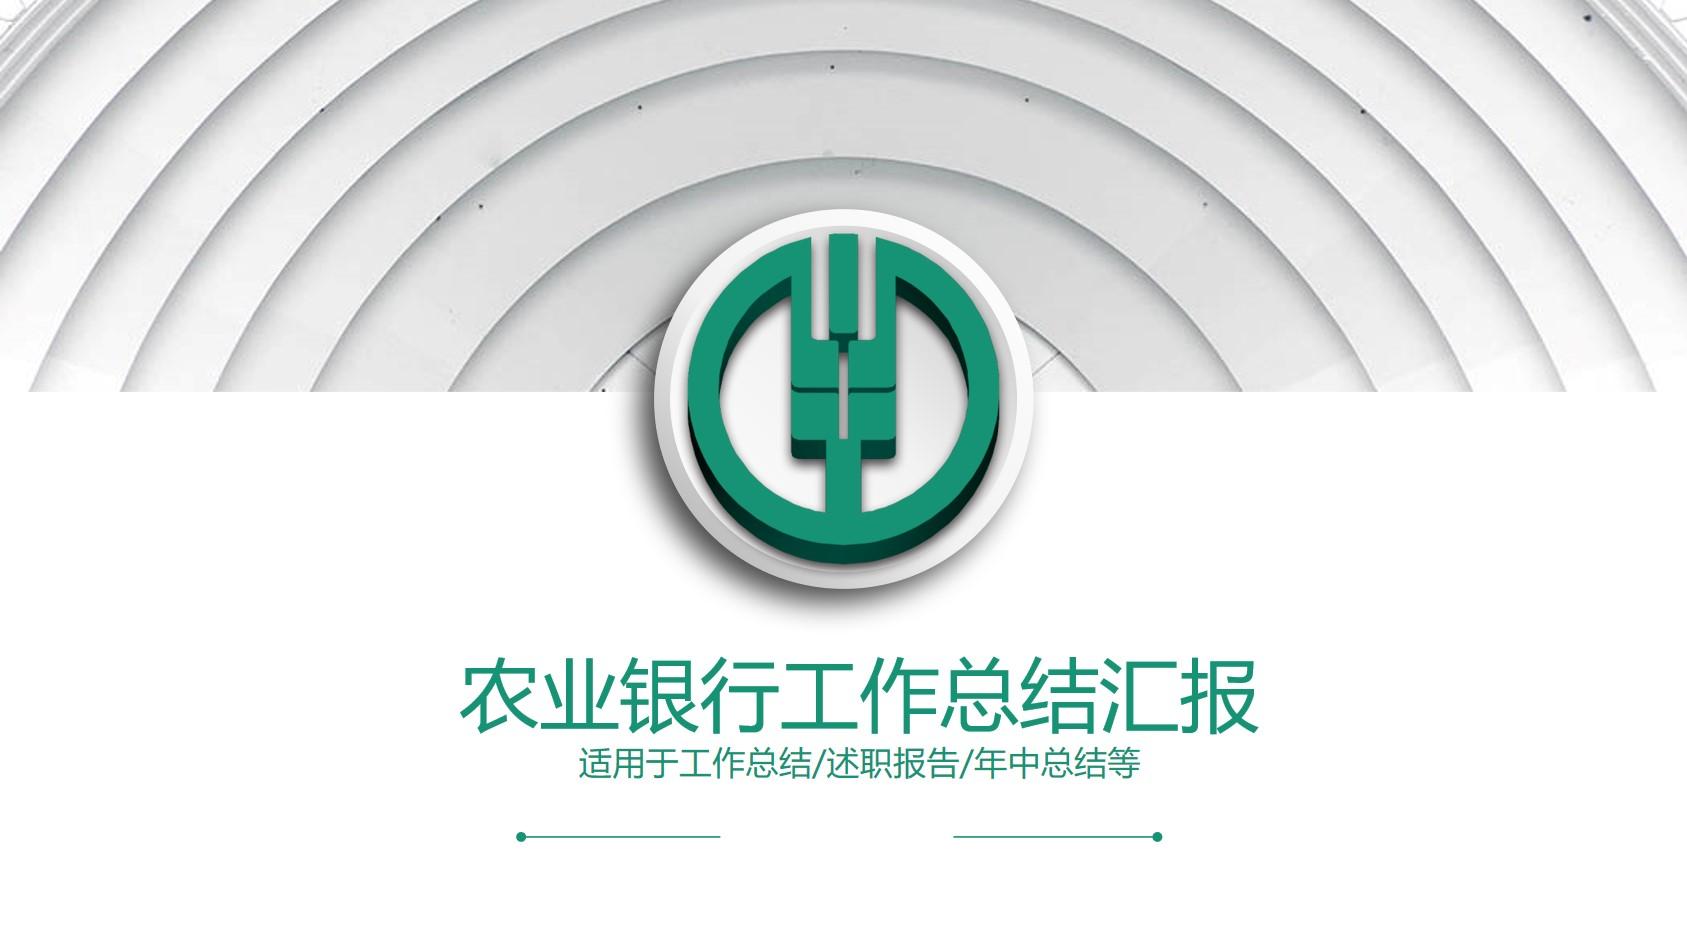 绿色扁平化农业银行工作总结汇报PPT模板